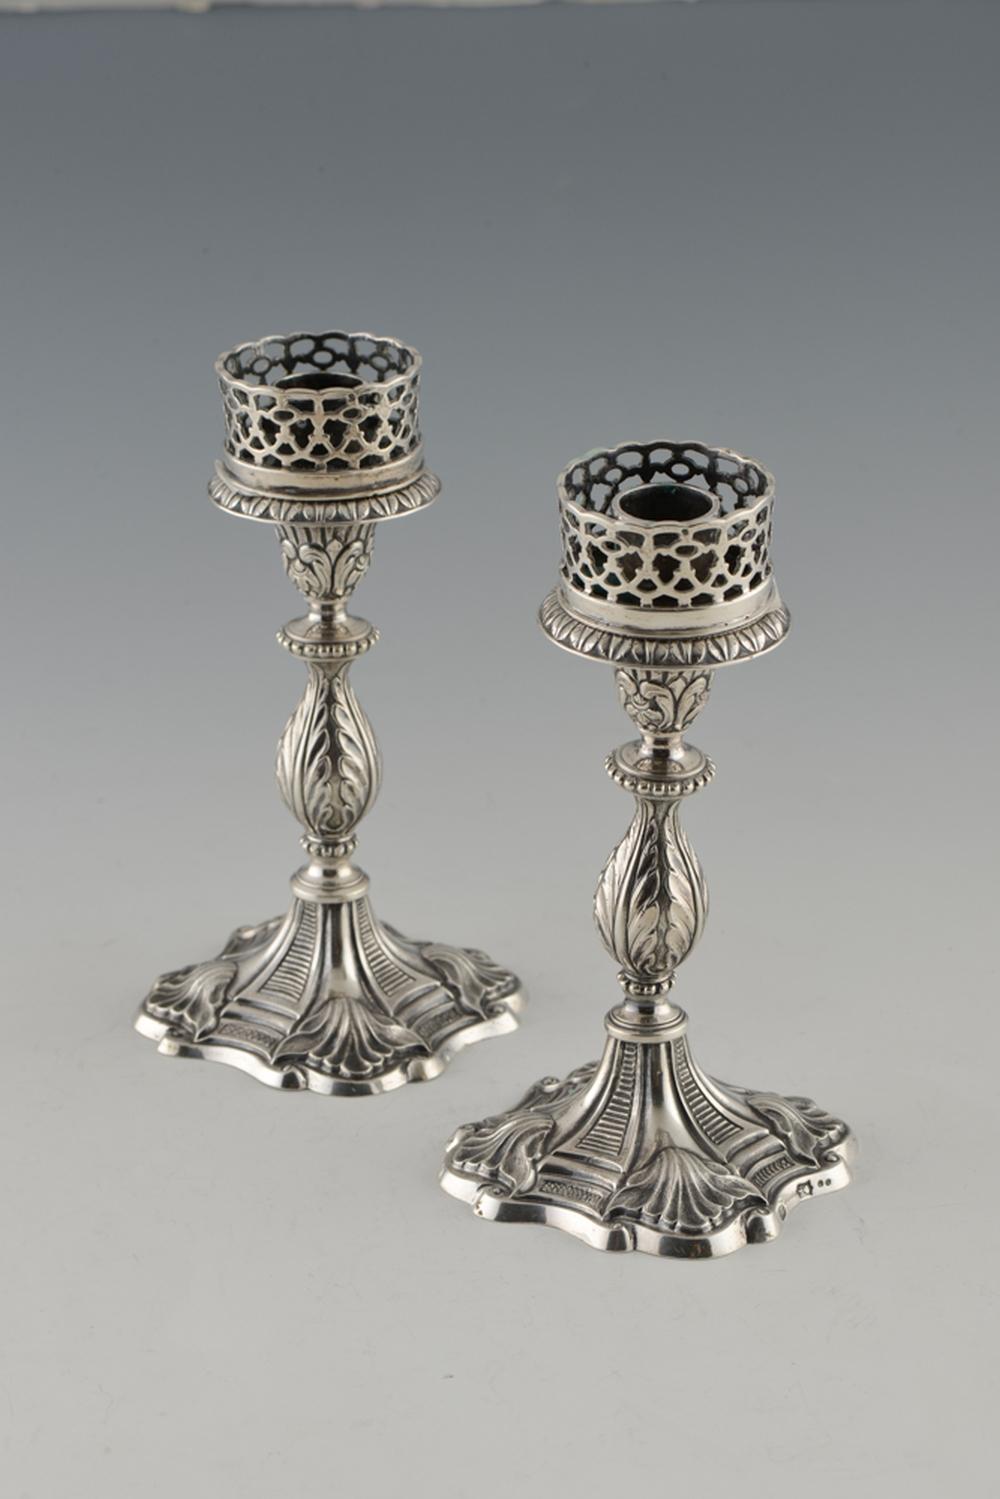 Par de castiçais baixos em prata, séc. XIX, P.620g